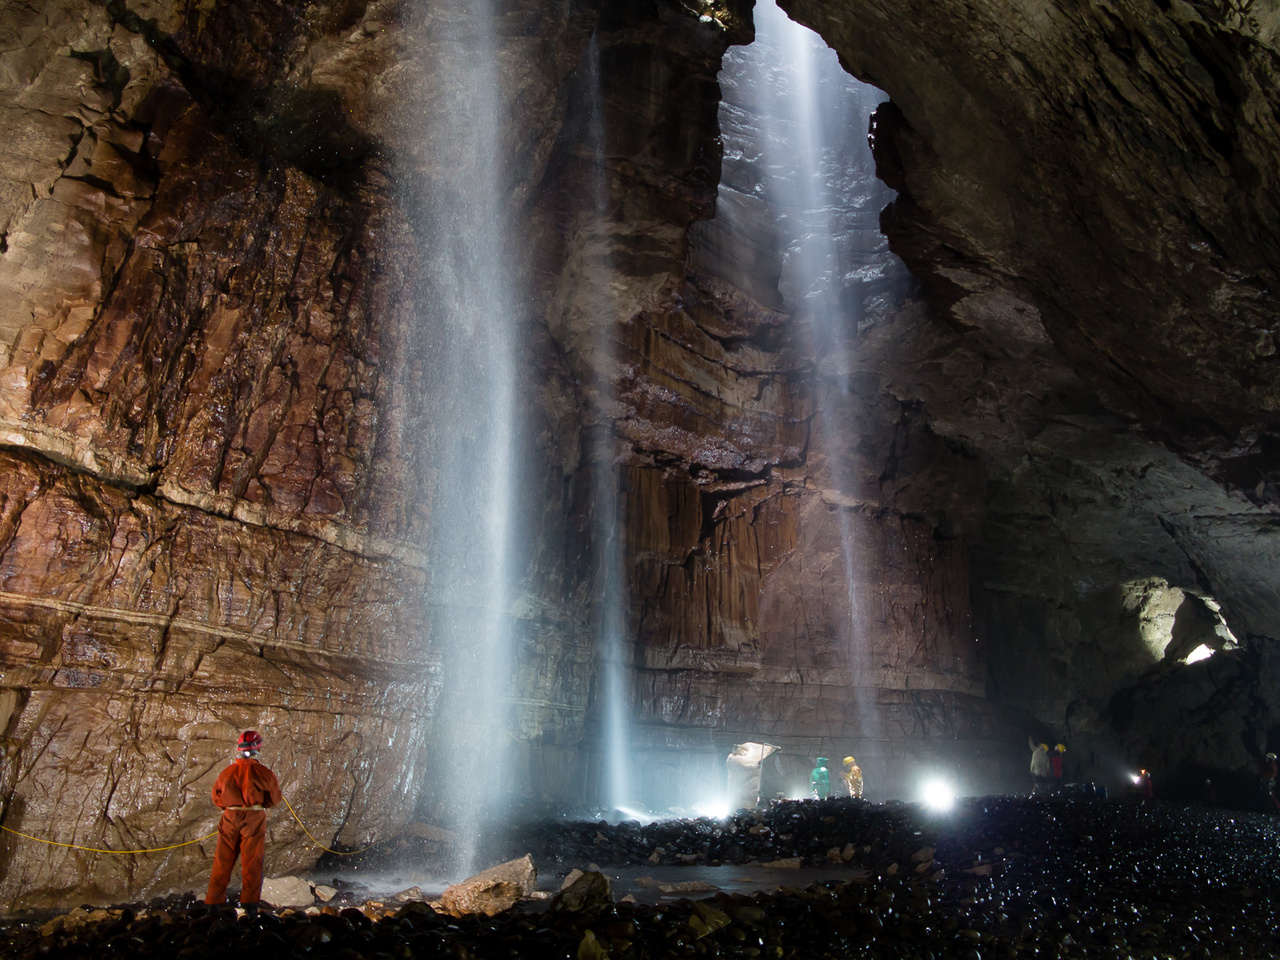 Az angliai Yorkshireben található Gaping Gill barlang, melybe a felszínről Európa legnagyobb föld alatti vízesései hullnak alá.